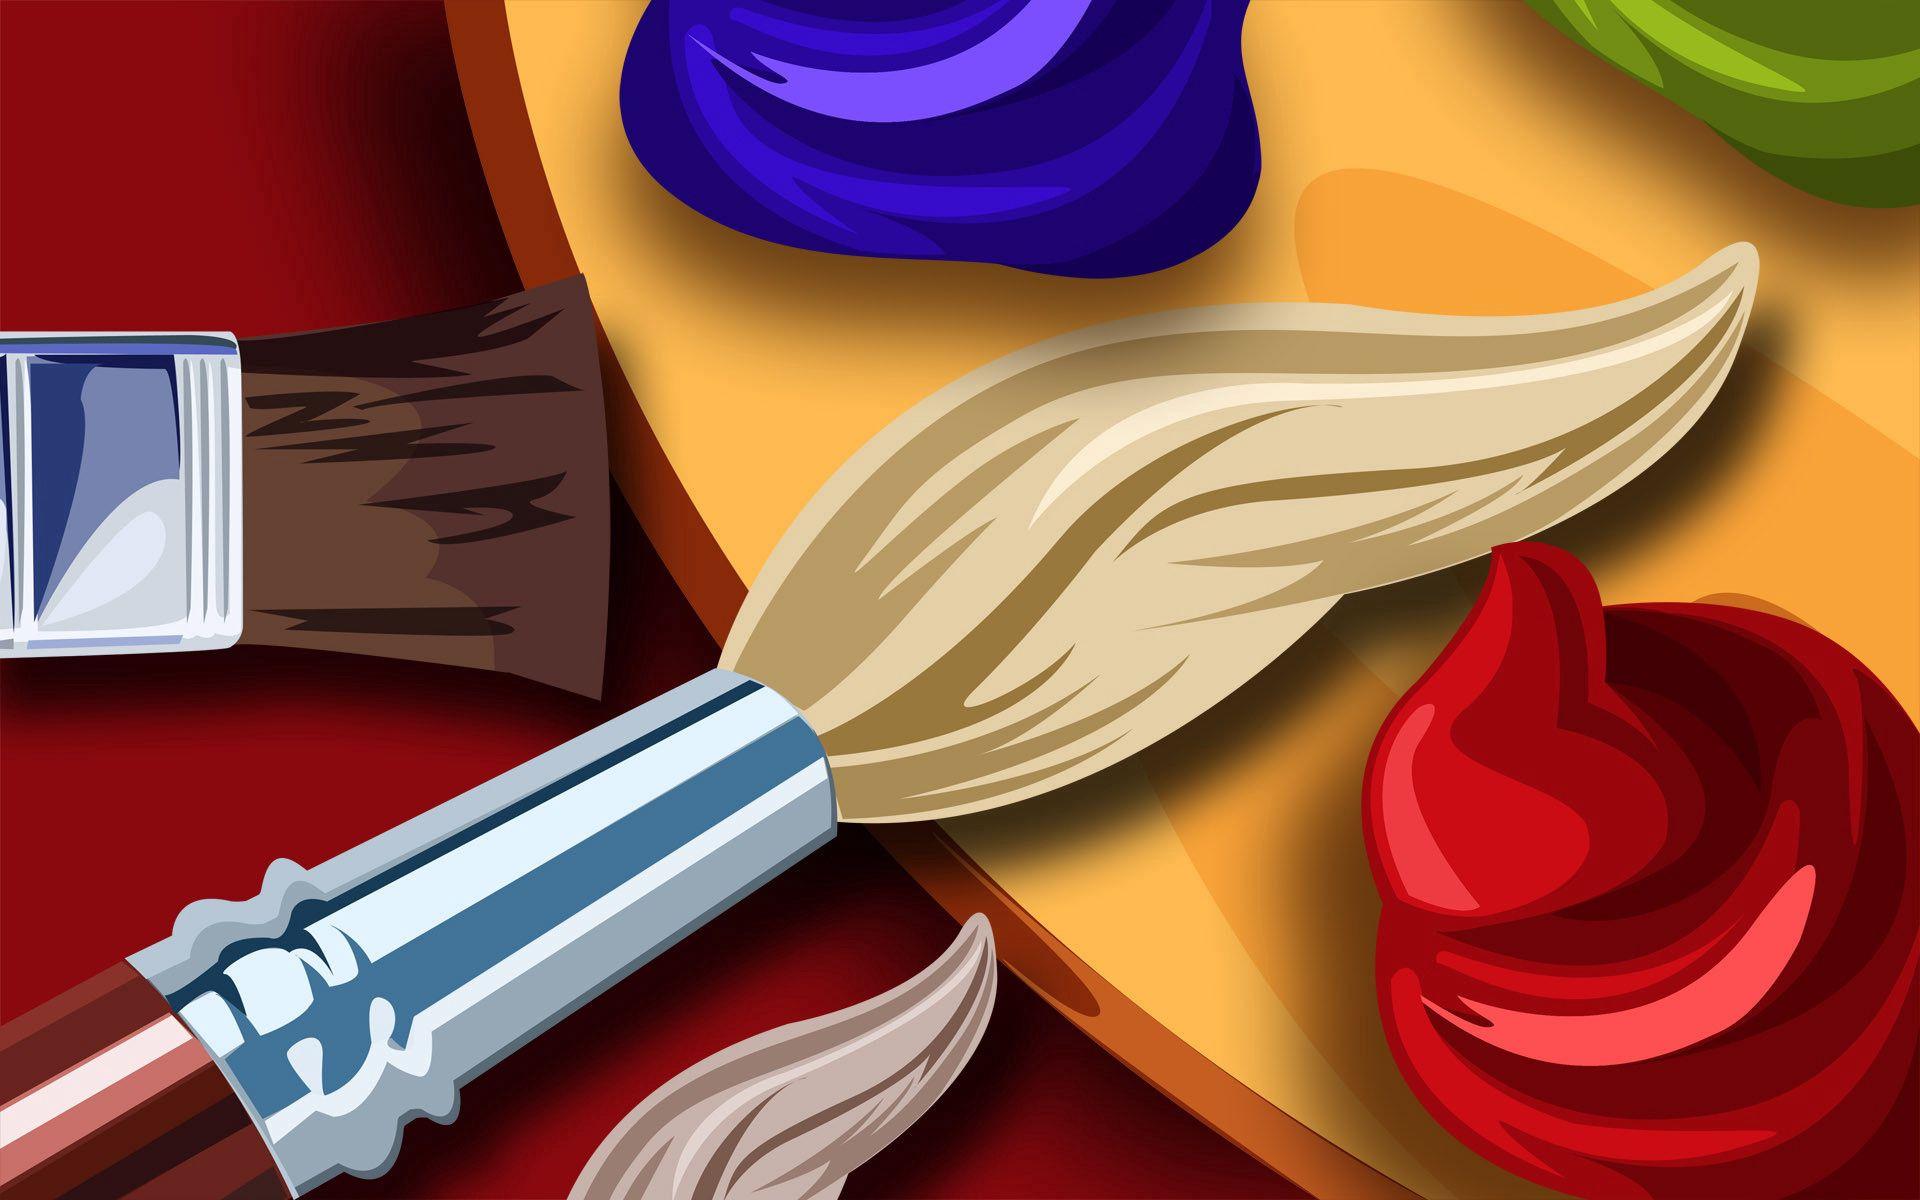 151363 Hintergrundbild herunterladen Künstler, Verschiedenes, Sonstige, Farbe, Bürste, Bürsten, Palette - Bildschirmschoner und Bilder kostenlos